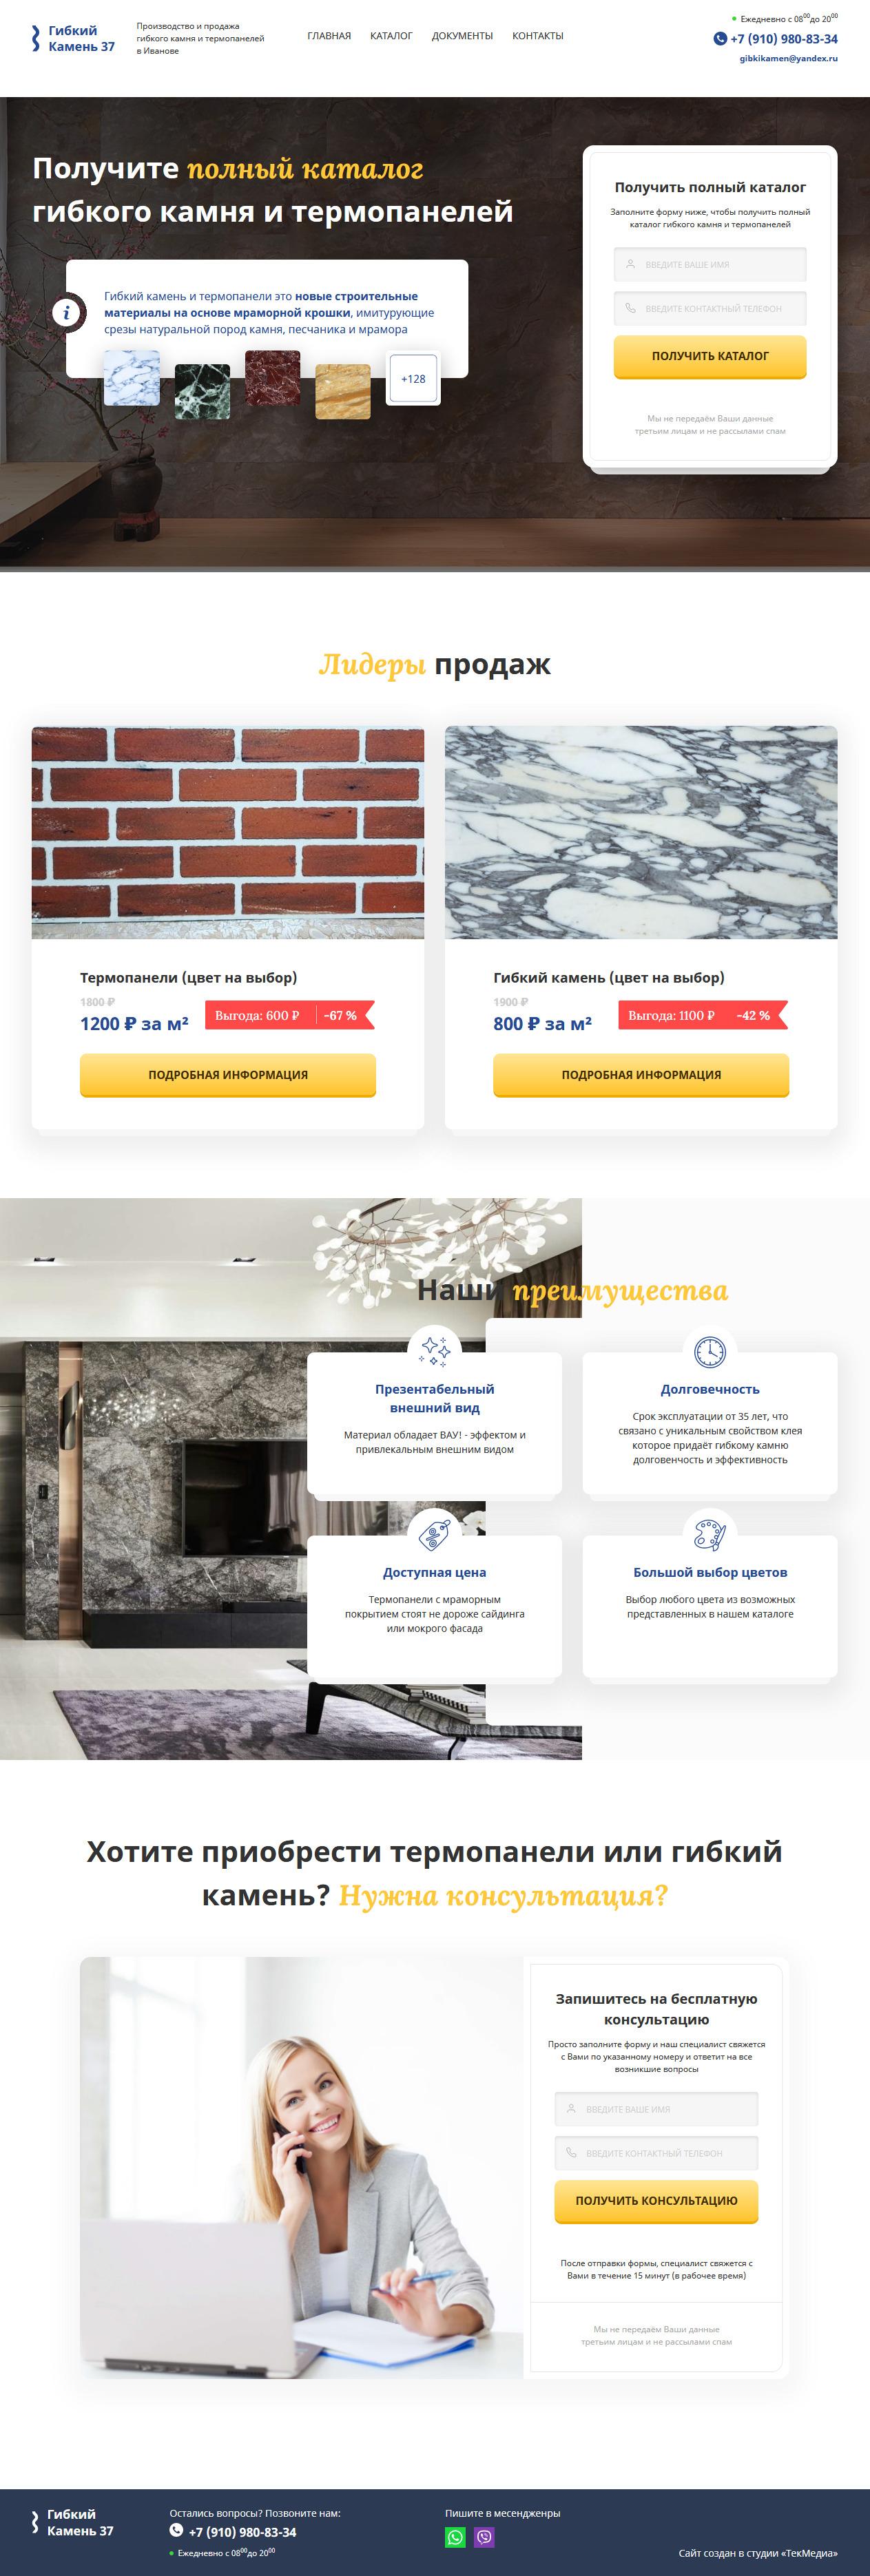 """Создание сайта компании """"Гибкий камень 37"""". Создание сайтов в Костроме"""